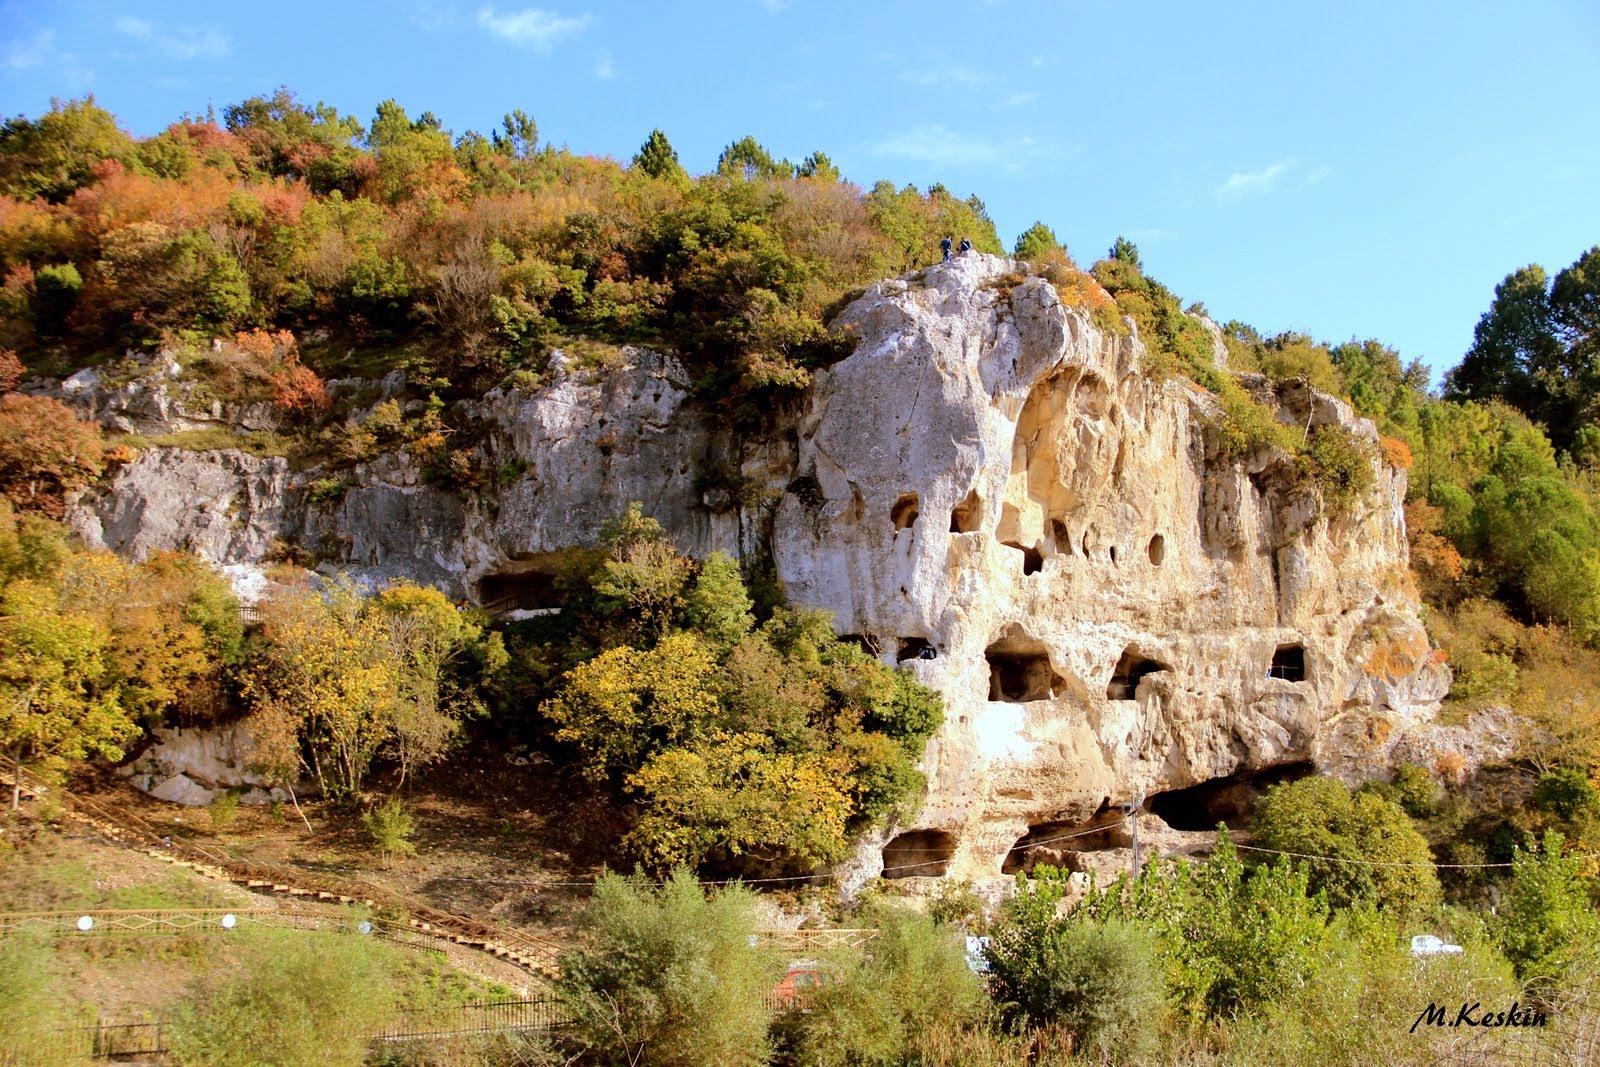 Kuzey Ormanları tarihin tanığıdır: 3000 yıllık İnceğiz Trak Mağaraları / Manastırları